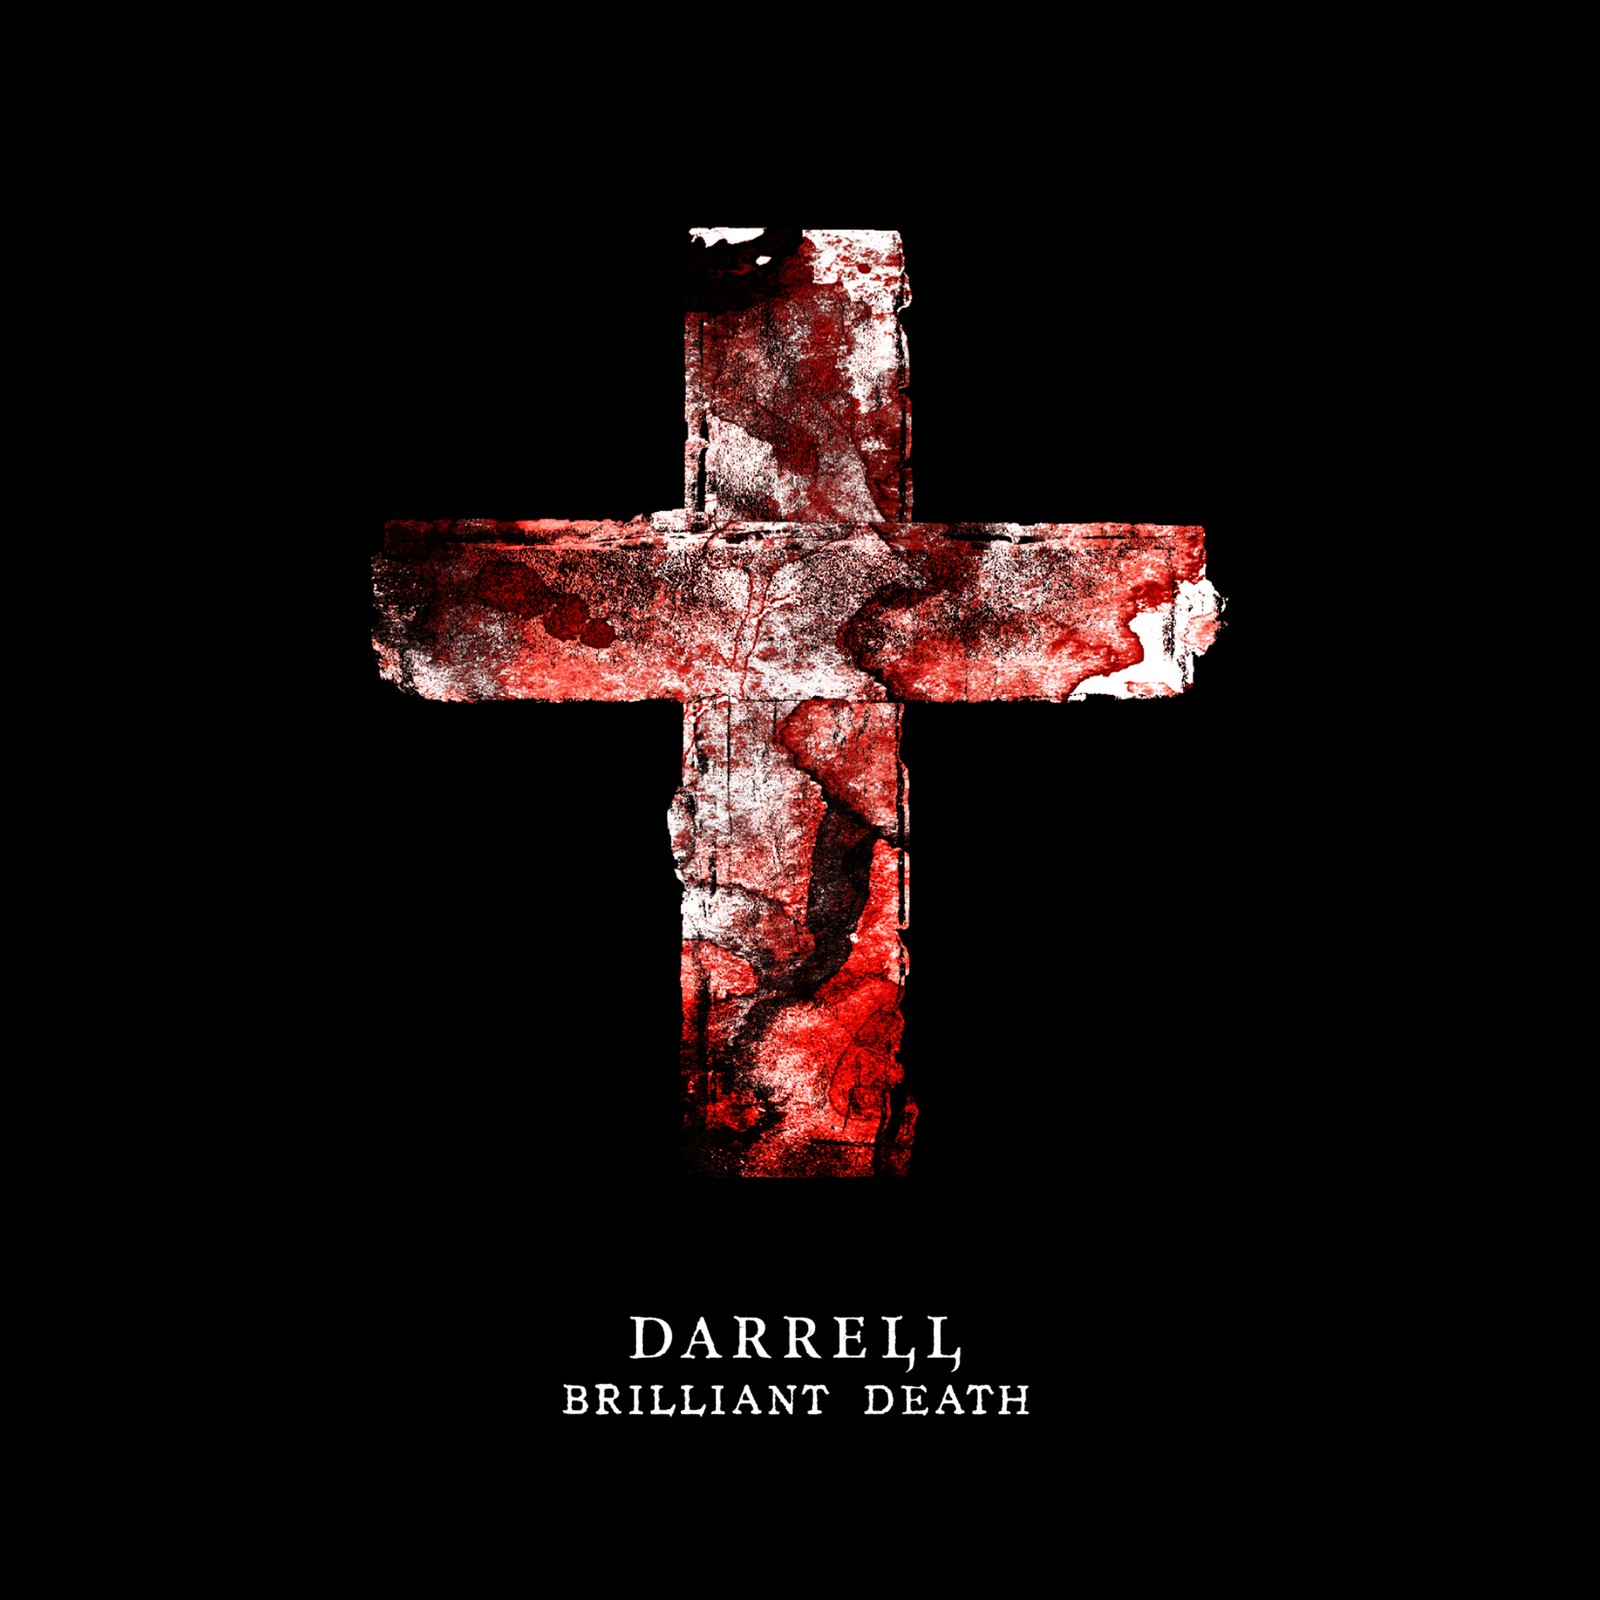 DARRELL – BRILLIANT DEATH [FLAC / WEB] [2020.07.01]